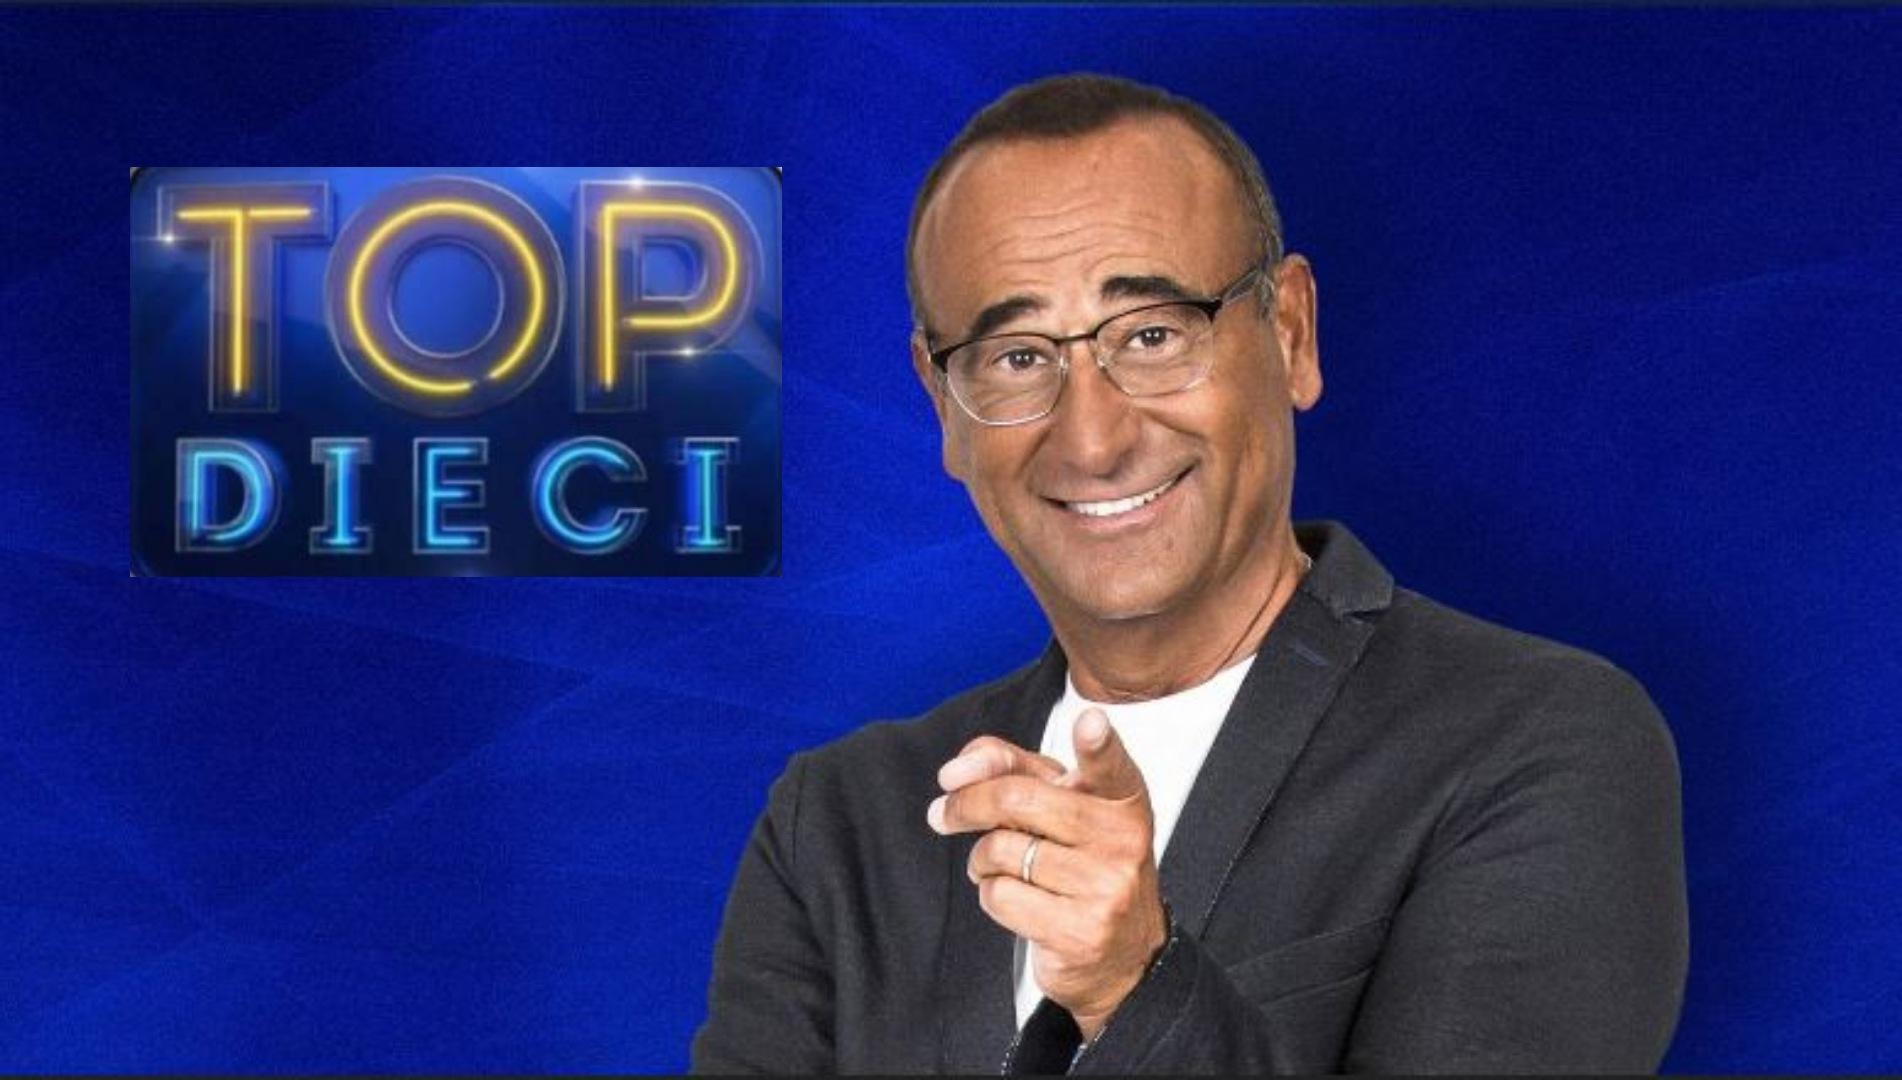 Top Dieci diretta 19 giugno - Carlo Conti torna su Rai 1